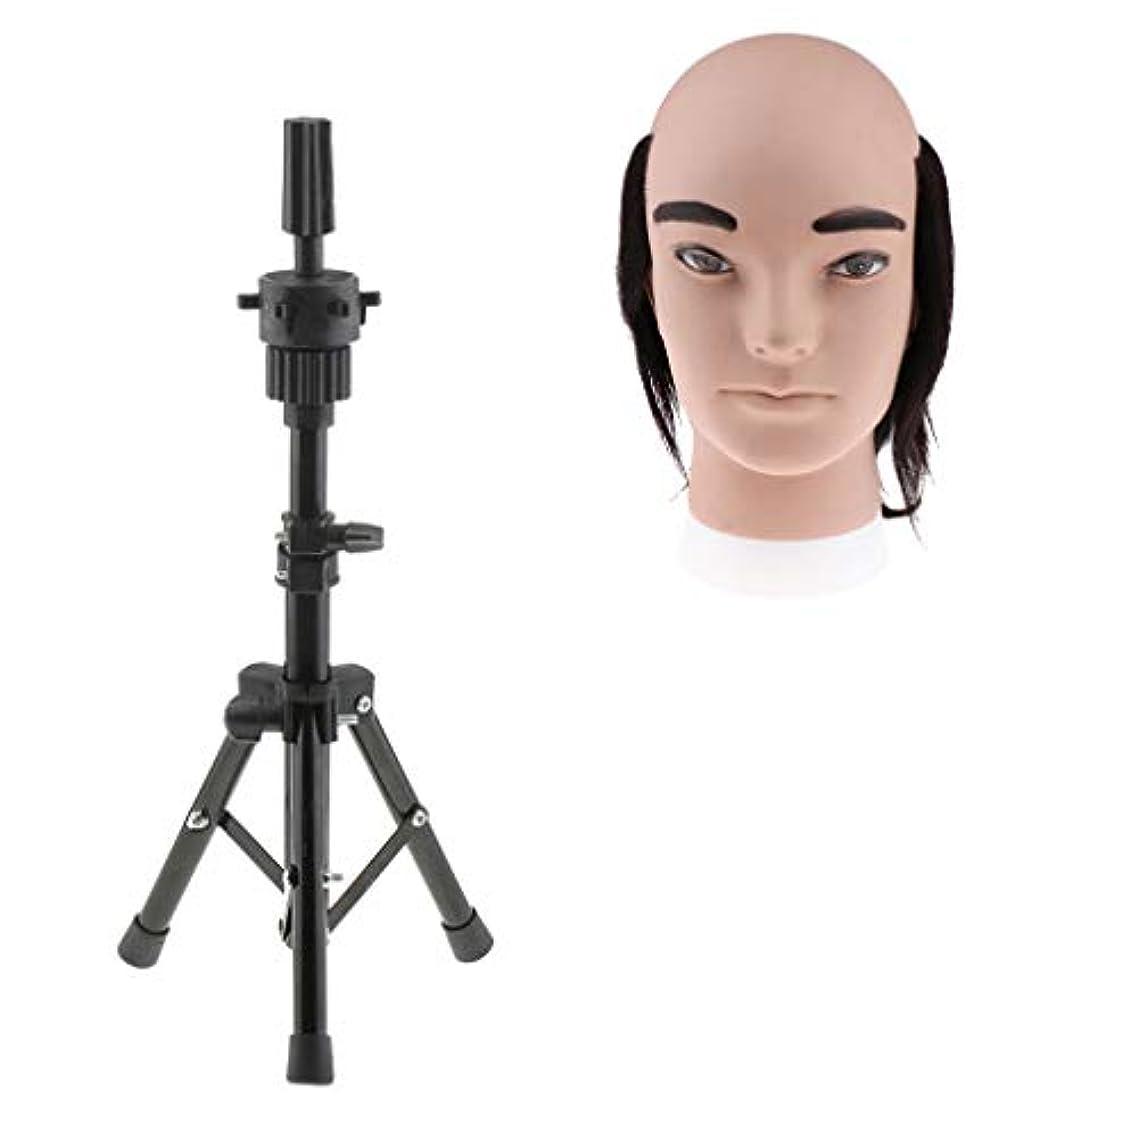 くまアブストラクト十年CUTICATE 人間の髪毛 男性 マネキン トレーニング マネキン美容人形 人形の頭付き三脚ホルダー